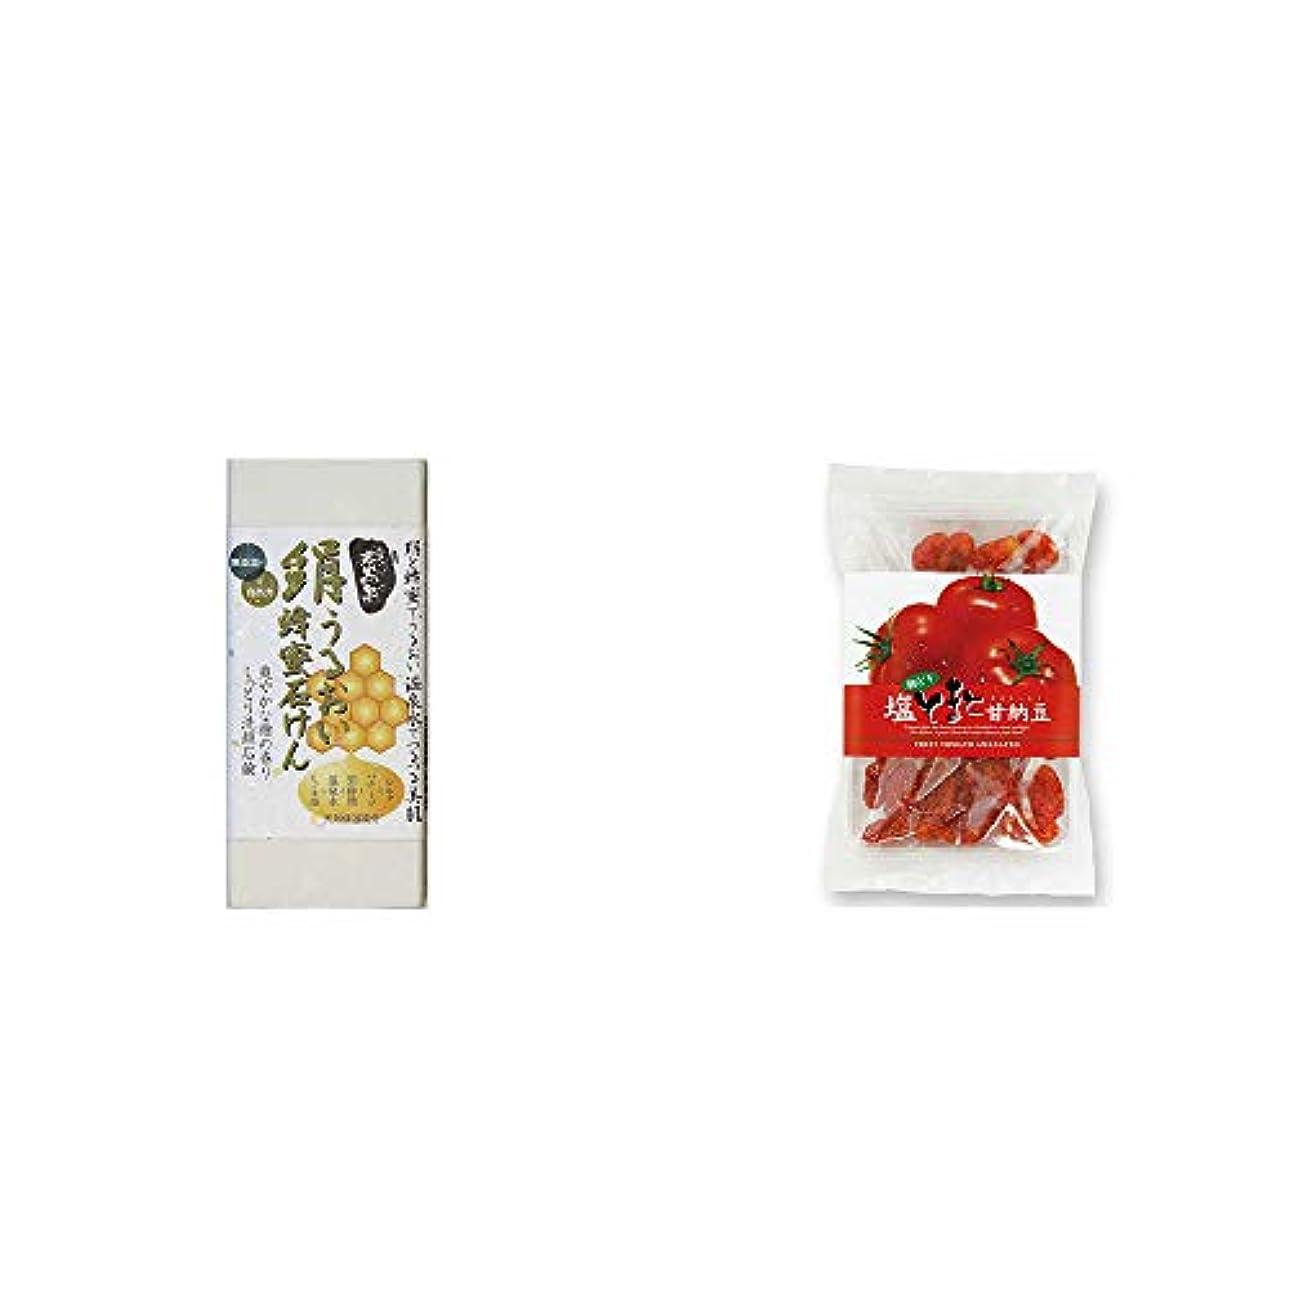 ましい動的自動[2点セット] ひのき炭黒泉 絹うるおい蜂蜜石けん(75g×2)?朝どり 塩とまと甘納豆(150g)